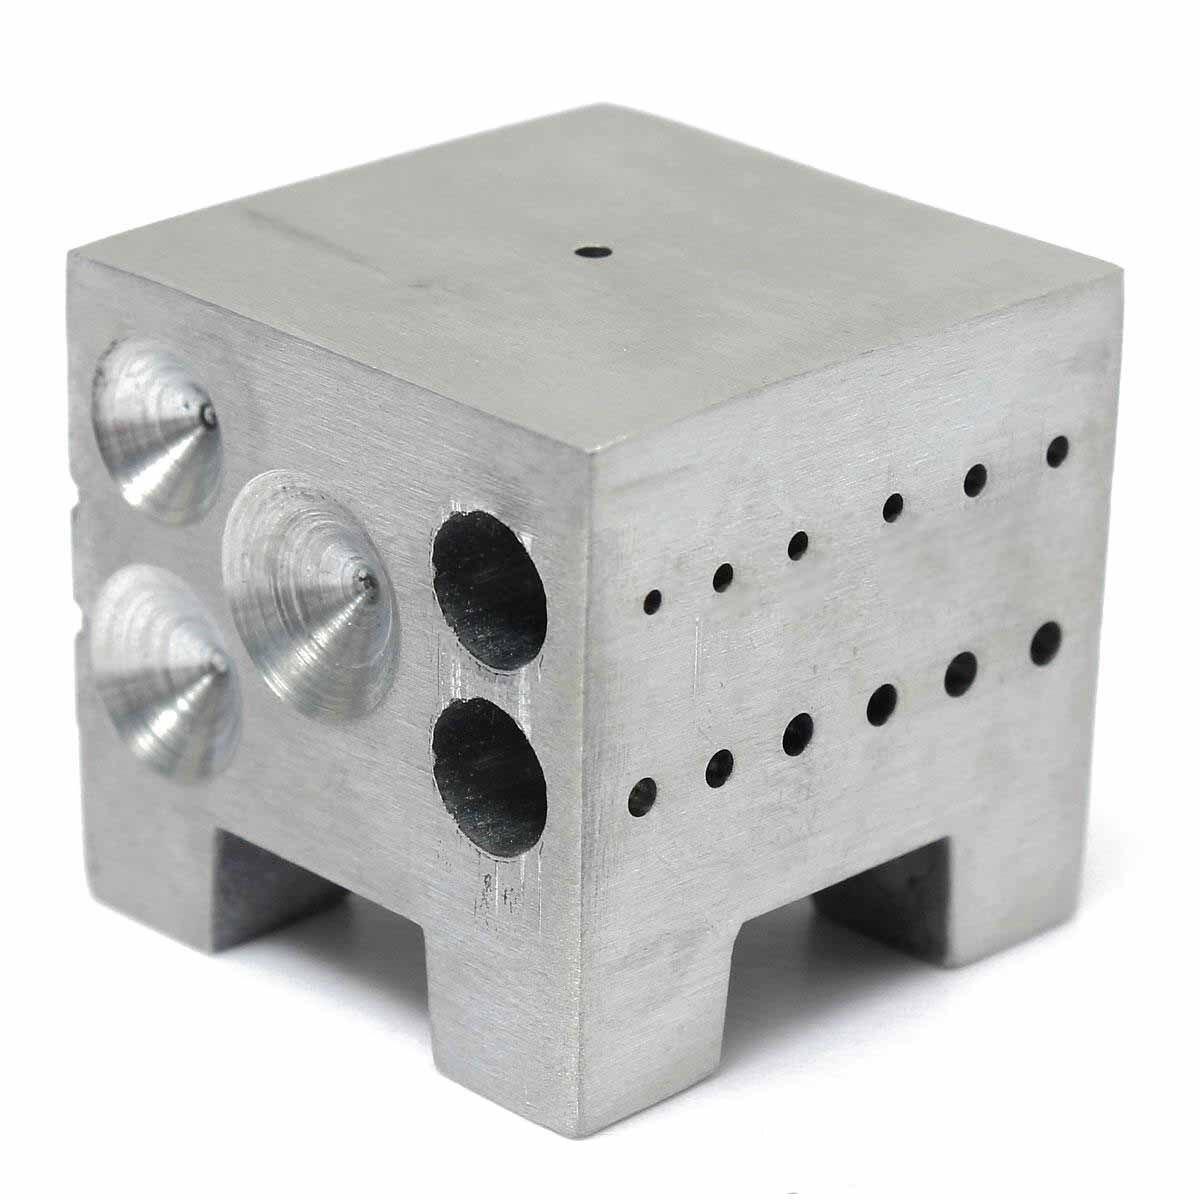 Horloger En alliage D'aluminium Dapping Doming Bloc Montre Jewelers Pièces De Réparation Porte-Outil